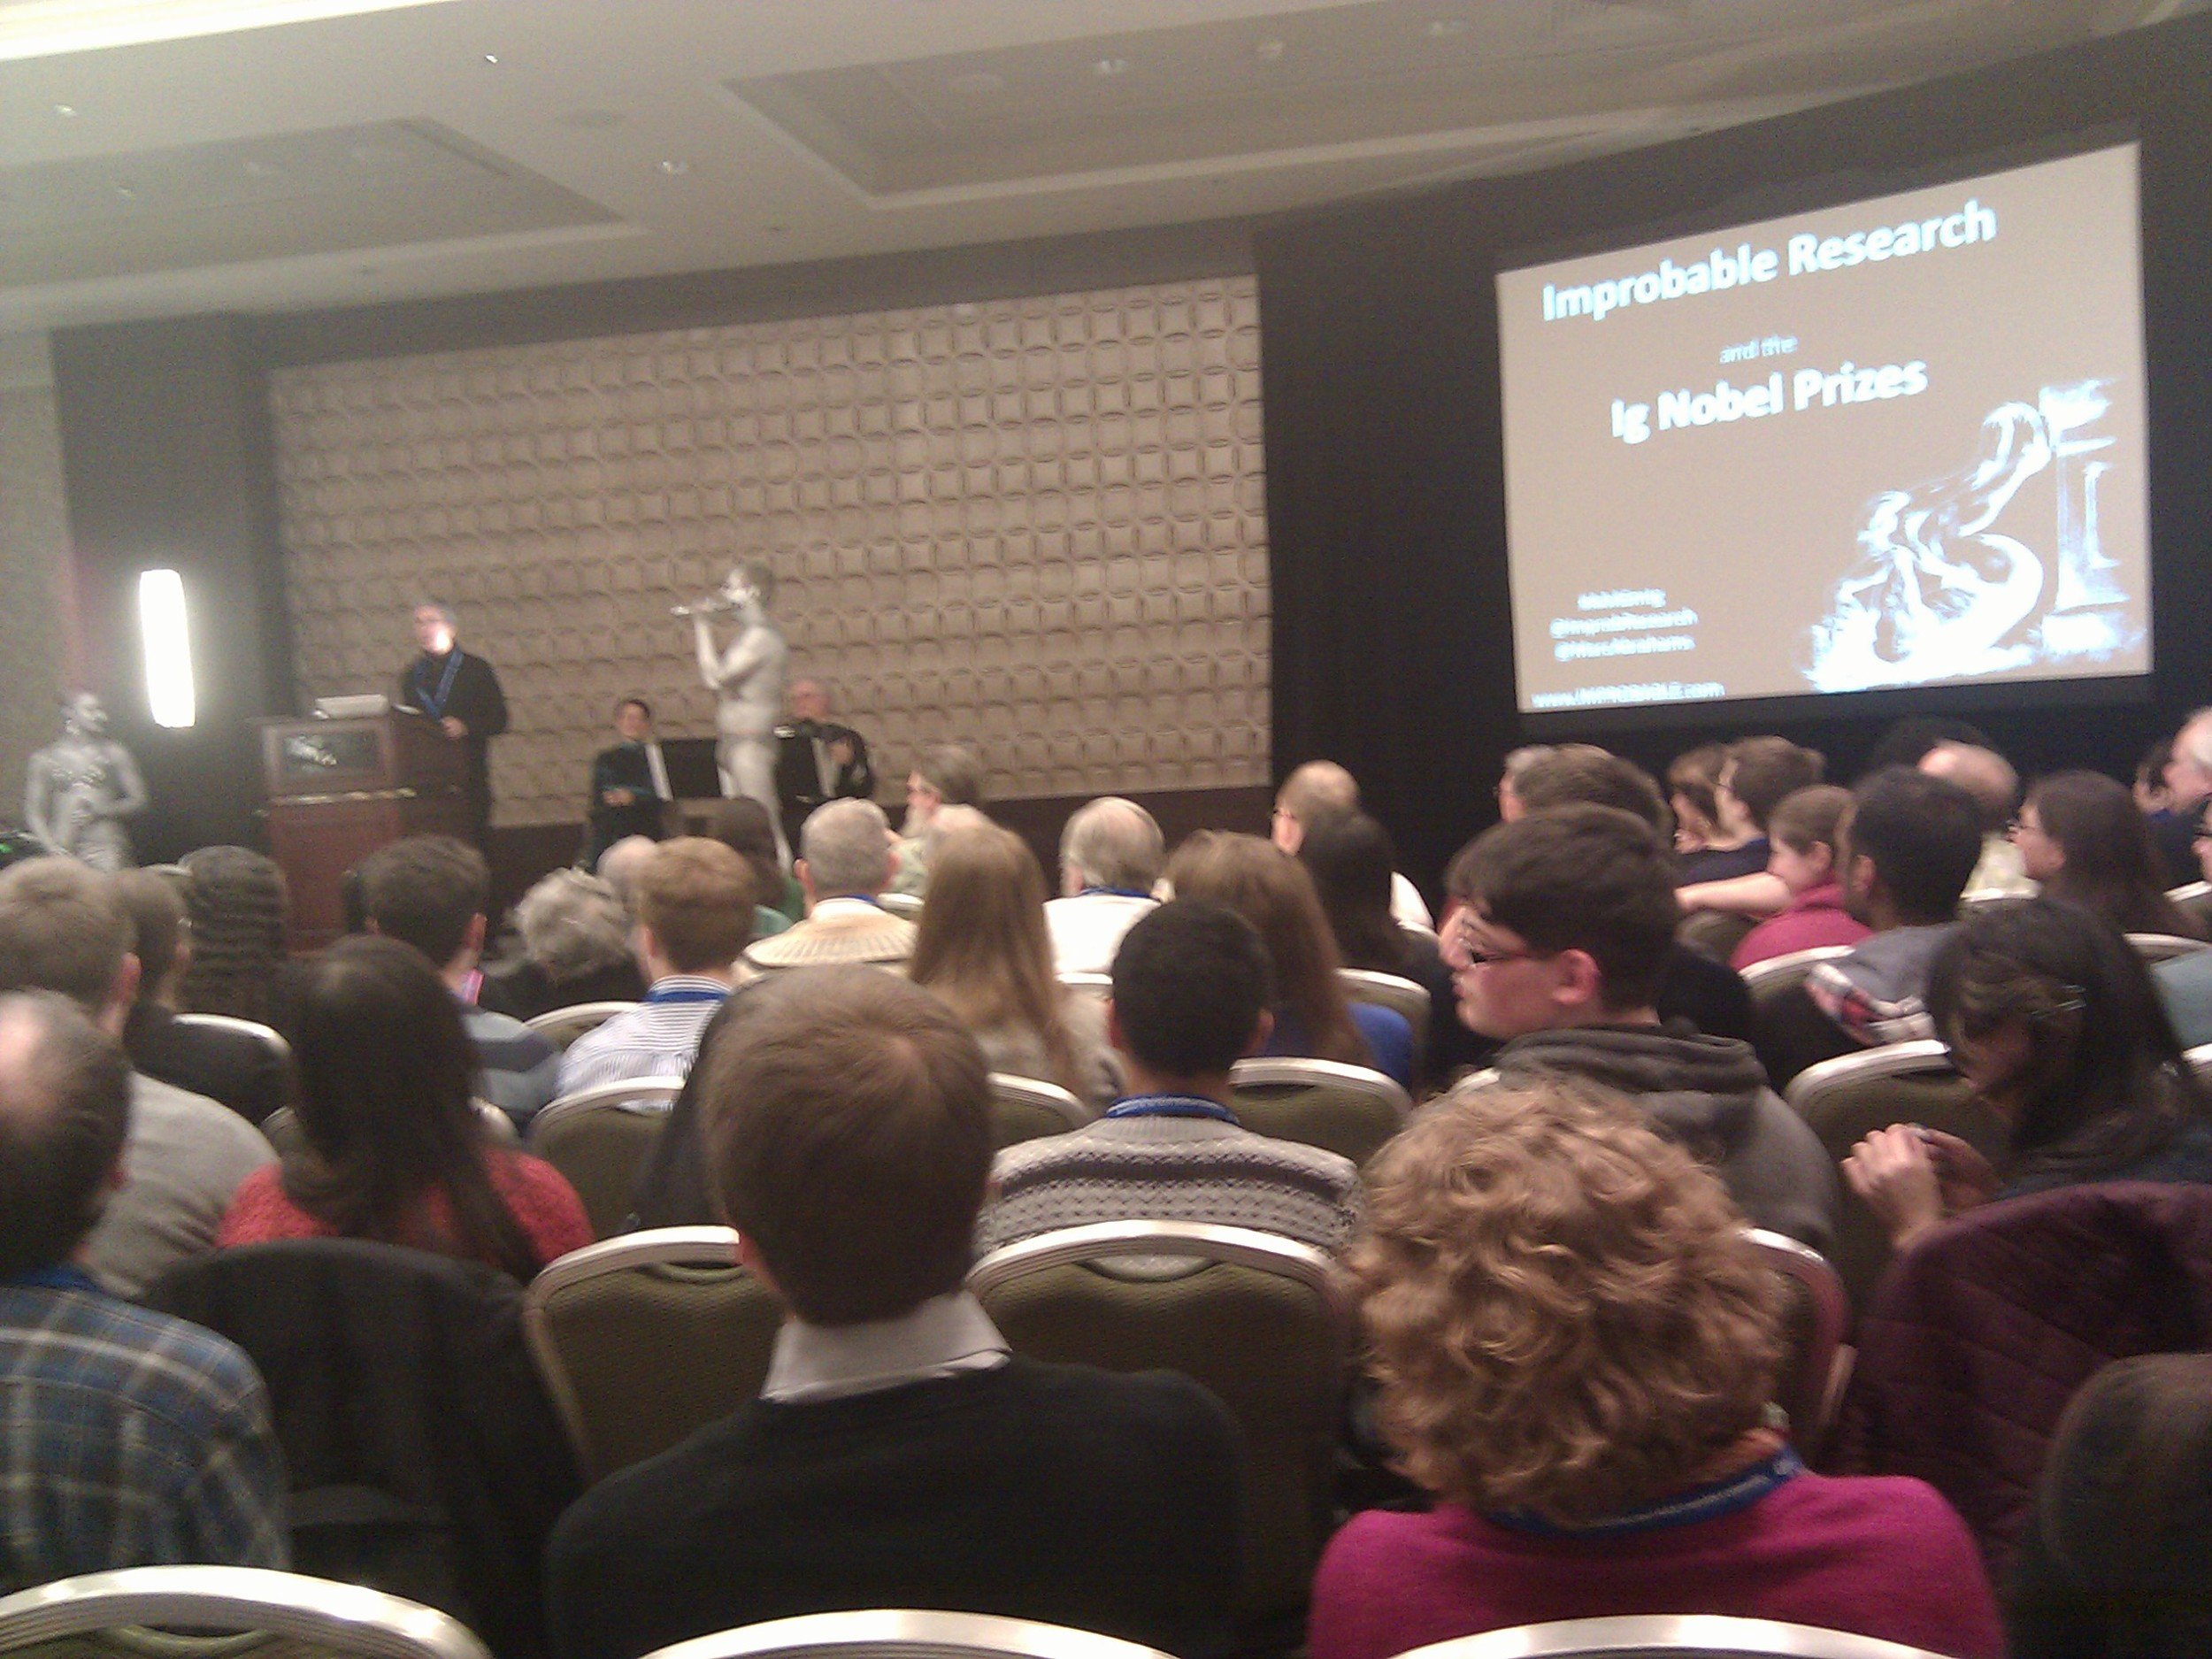 Ig Nobel Prize winners presentation at AAAS 2013